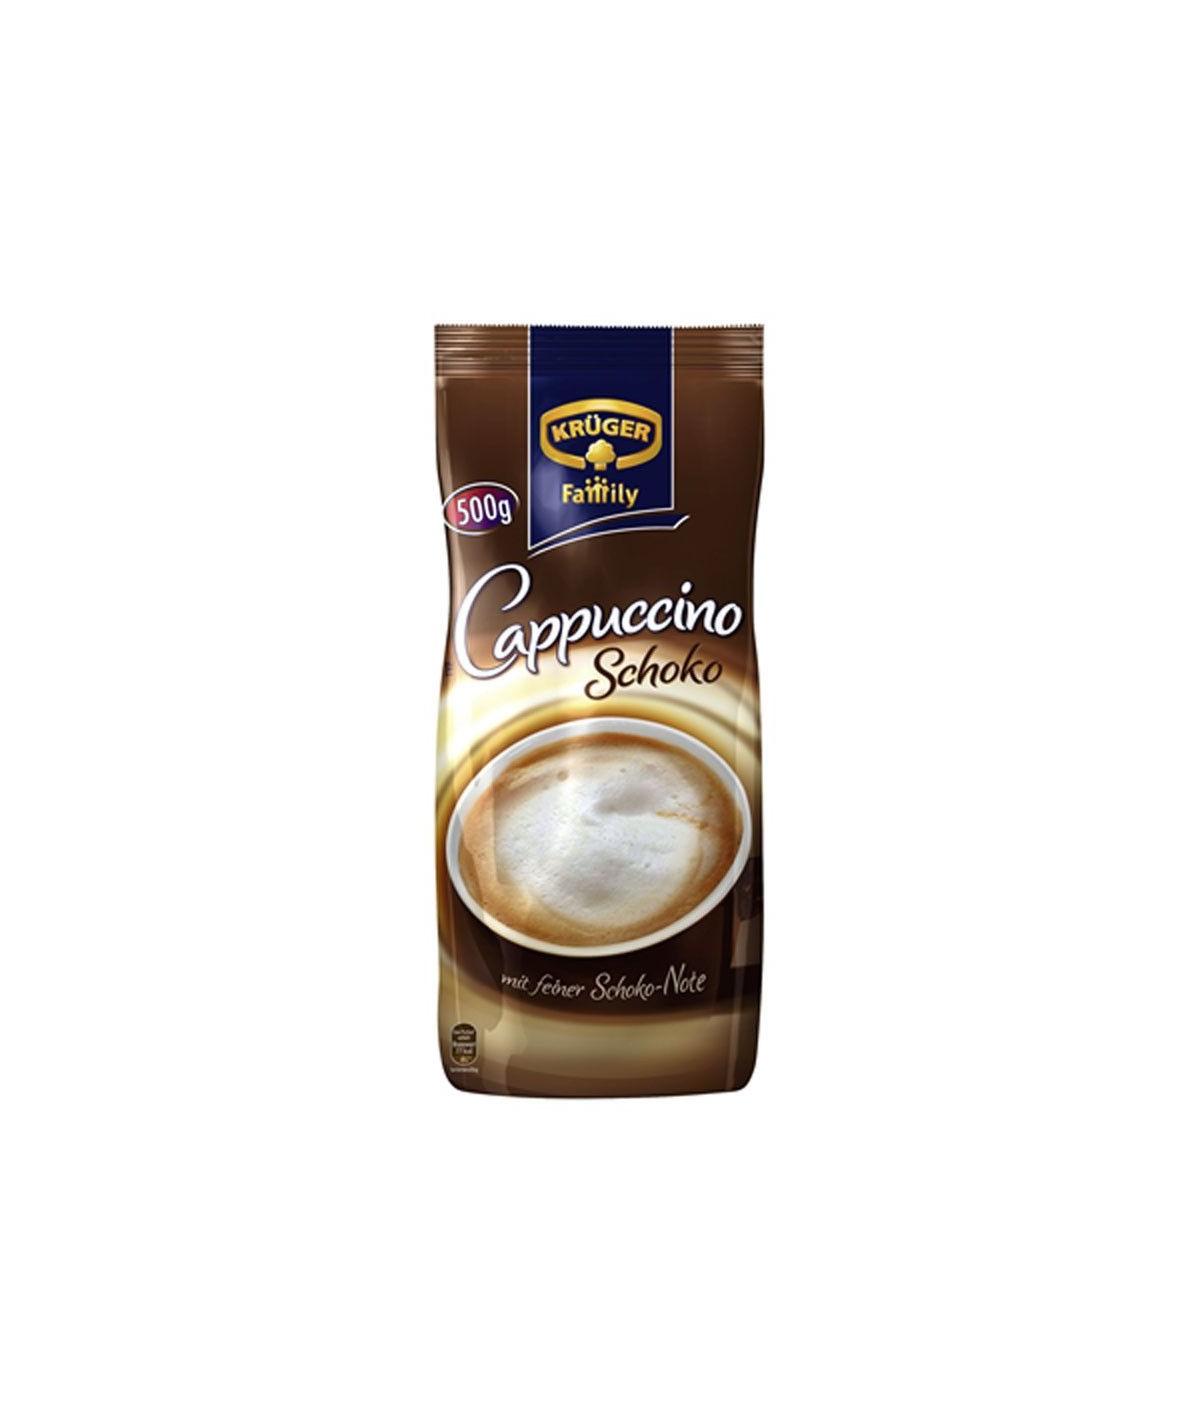 Cappuccino Schoko Instant-Kaffee Krüger 500 g